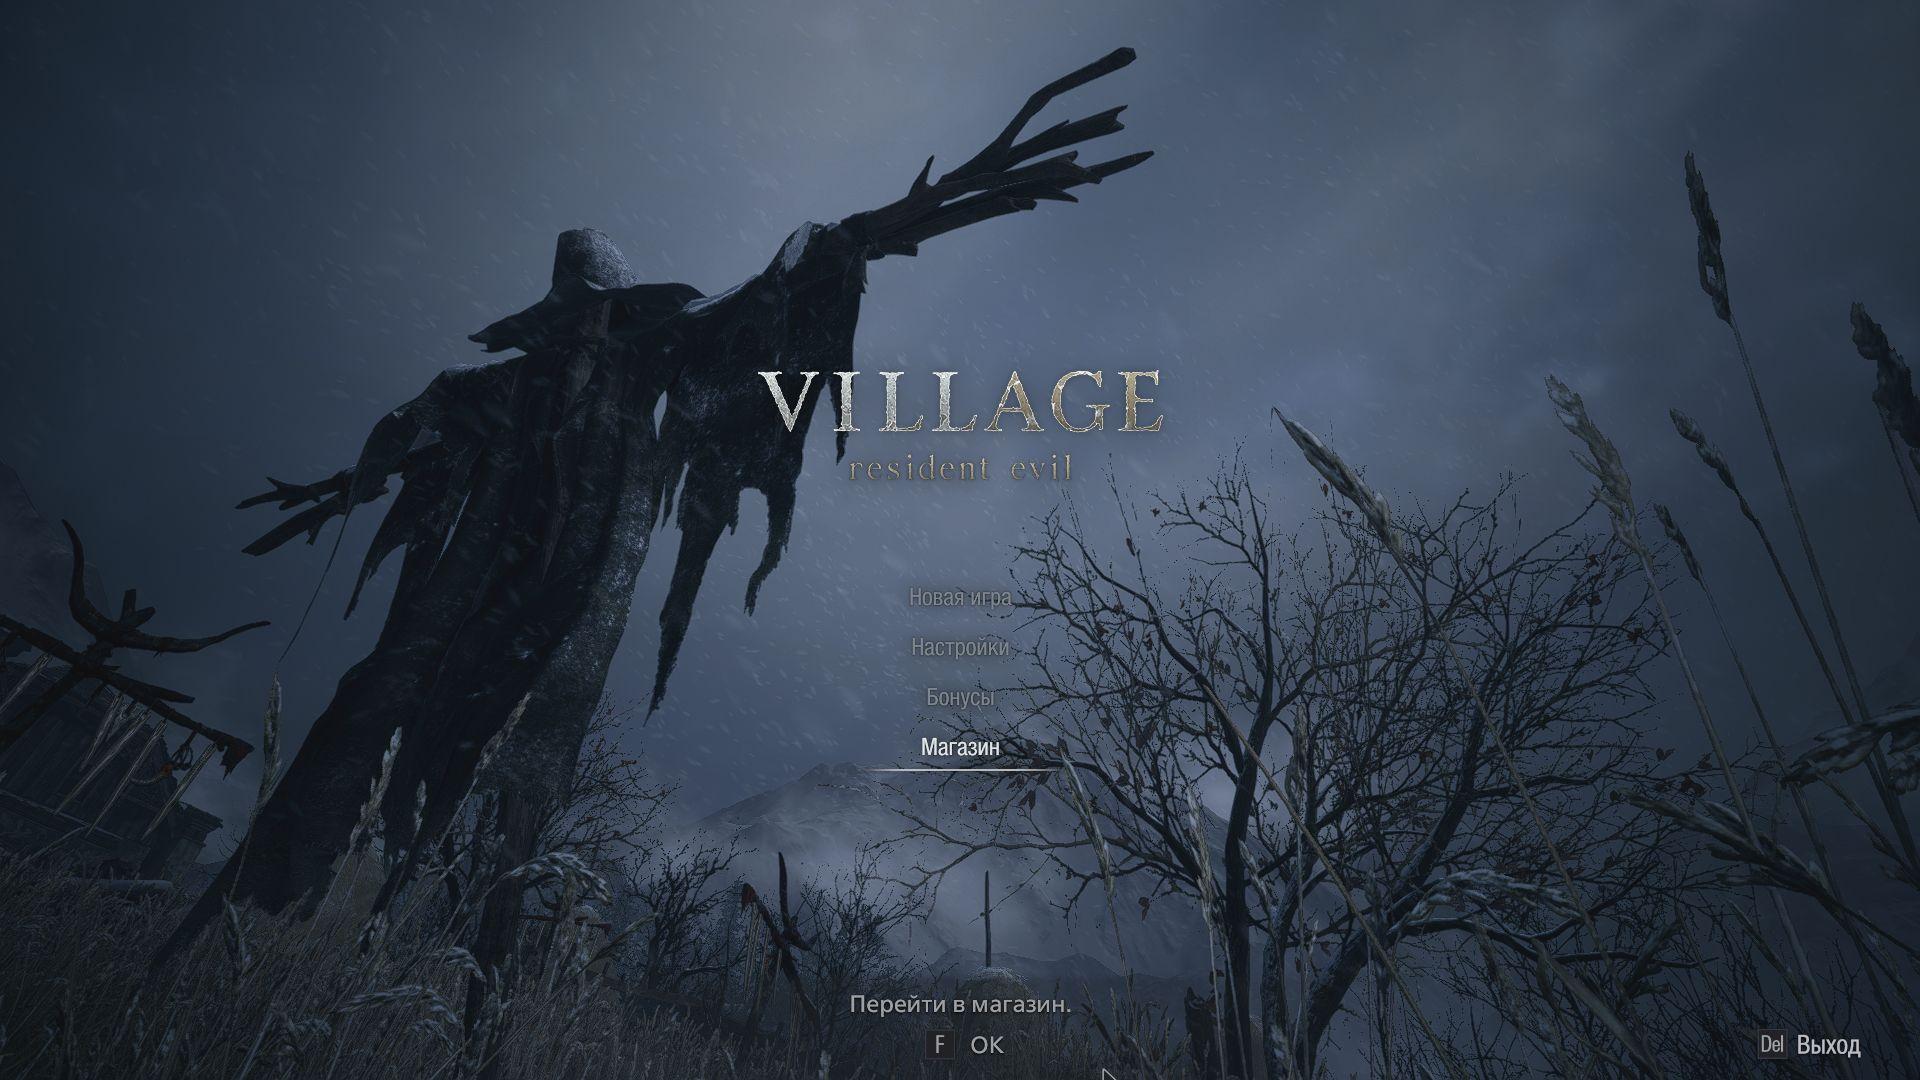 00002.Jpg - Resident Evil: Village